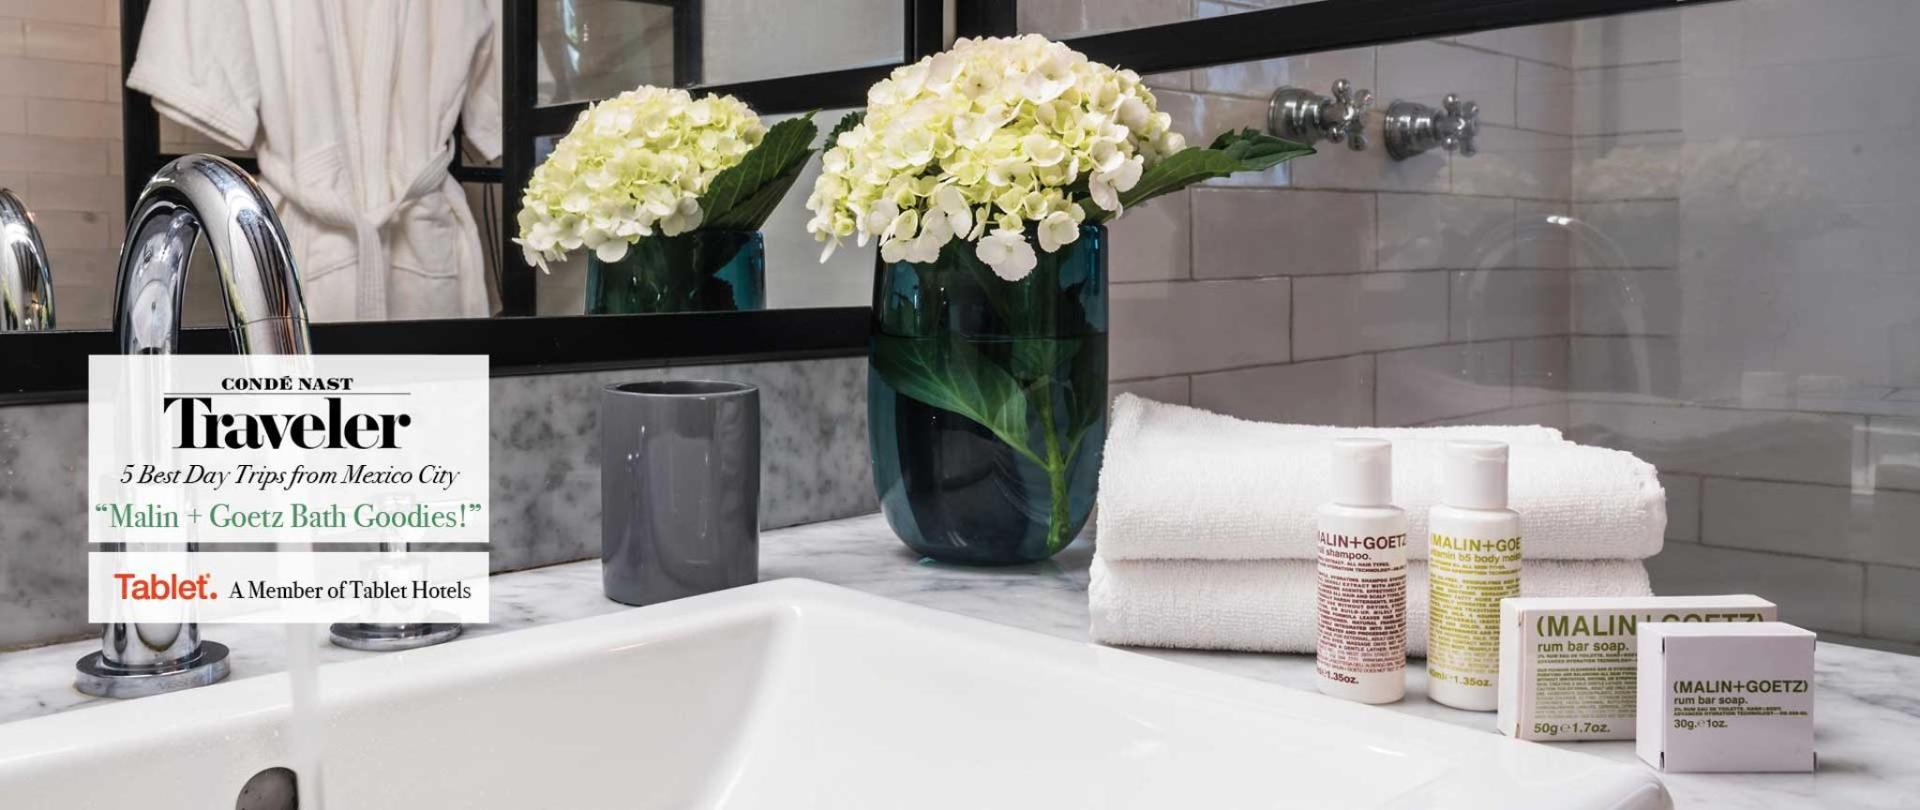 Todas nuestras habitaciones incluyen deliciosos artículos de baño Malin + Goetz. Las Casas B+B Boutique Hotel, Spa & Restaurante en Cuernavaca.